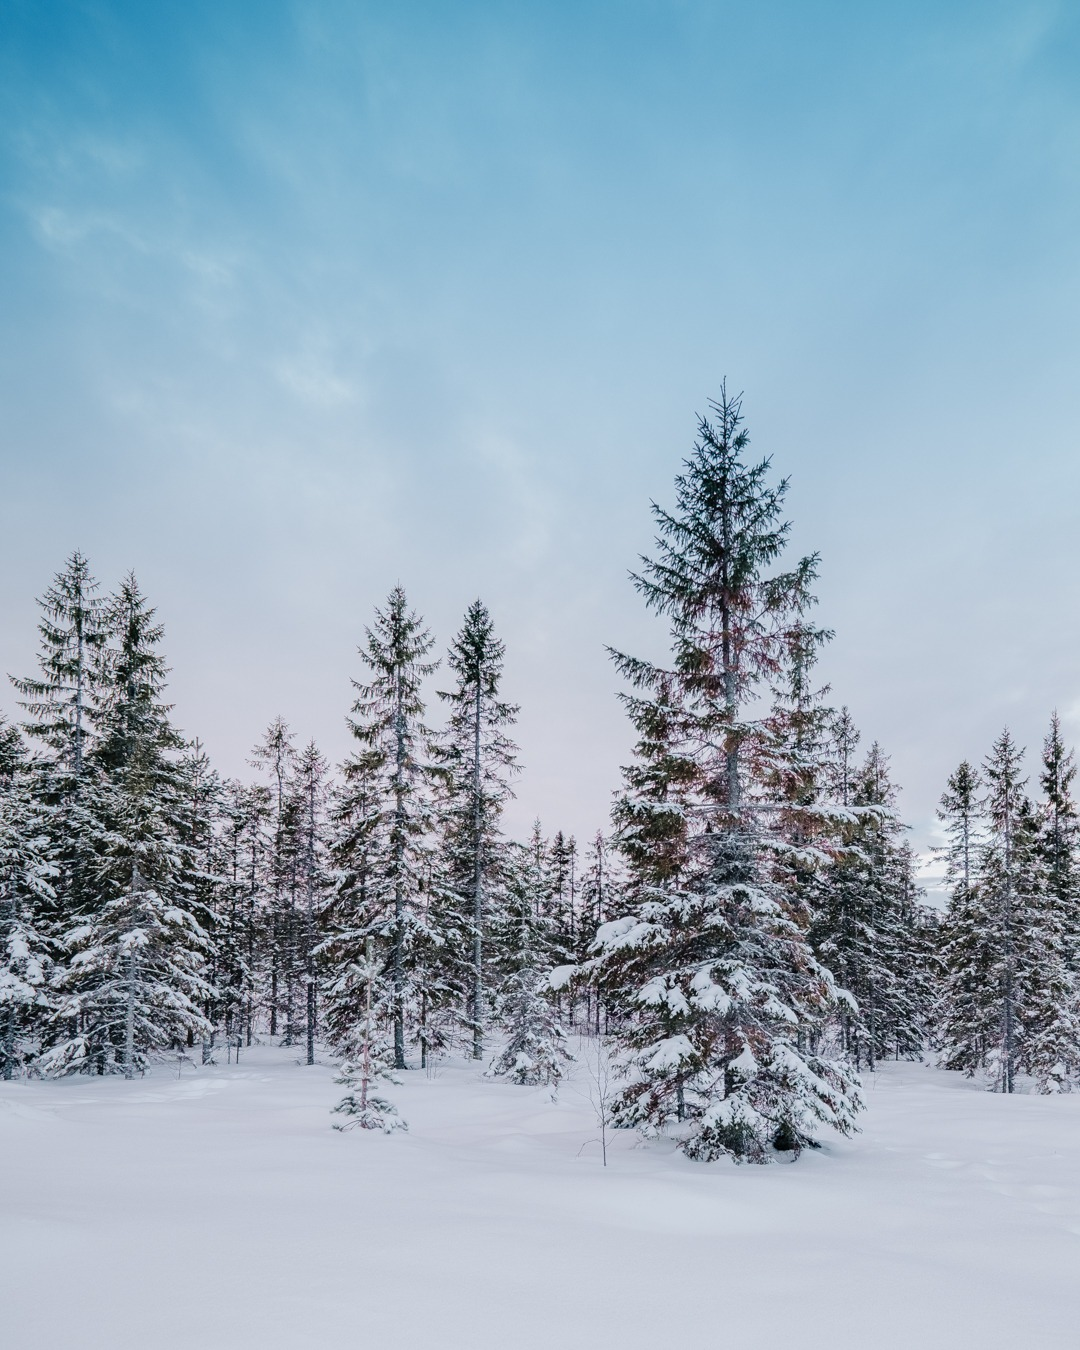 Vyer i Säfsen, Dalarna. Skidåkning i Säfsen Alpin. Svenska resebloggar med Från tekopp till bergstopp